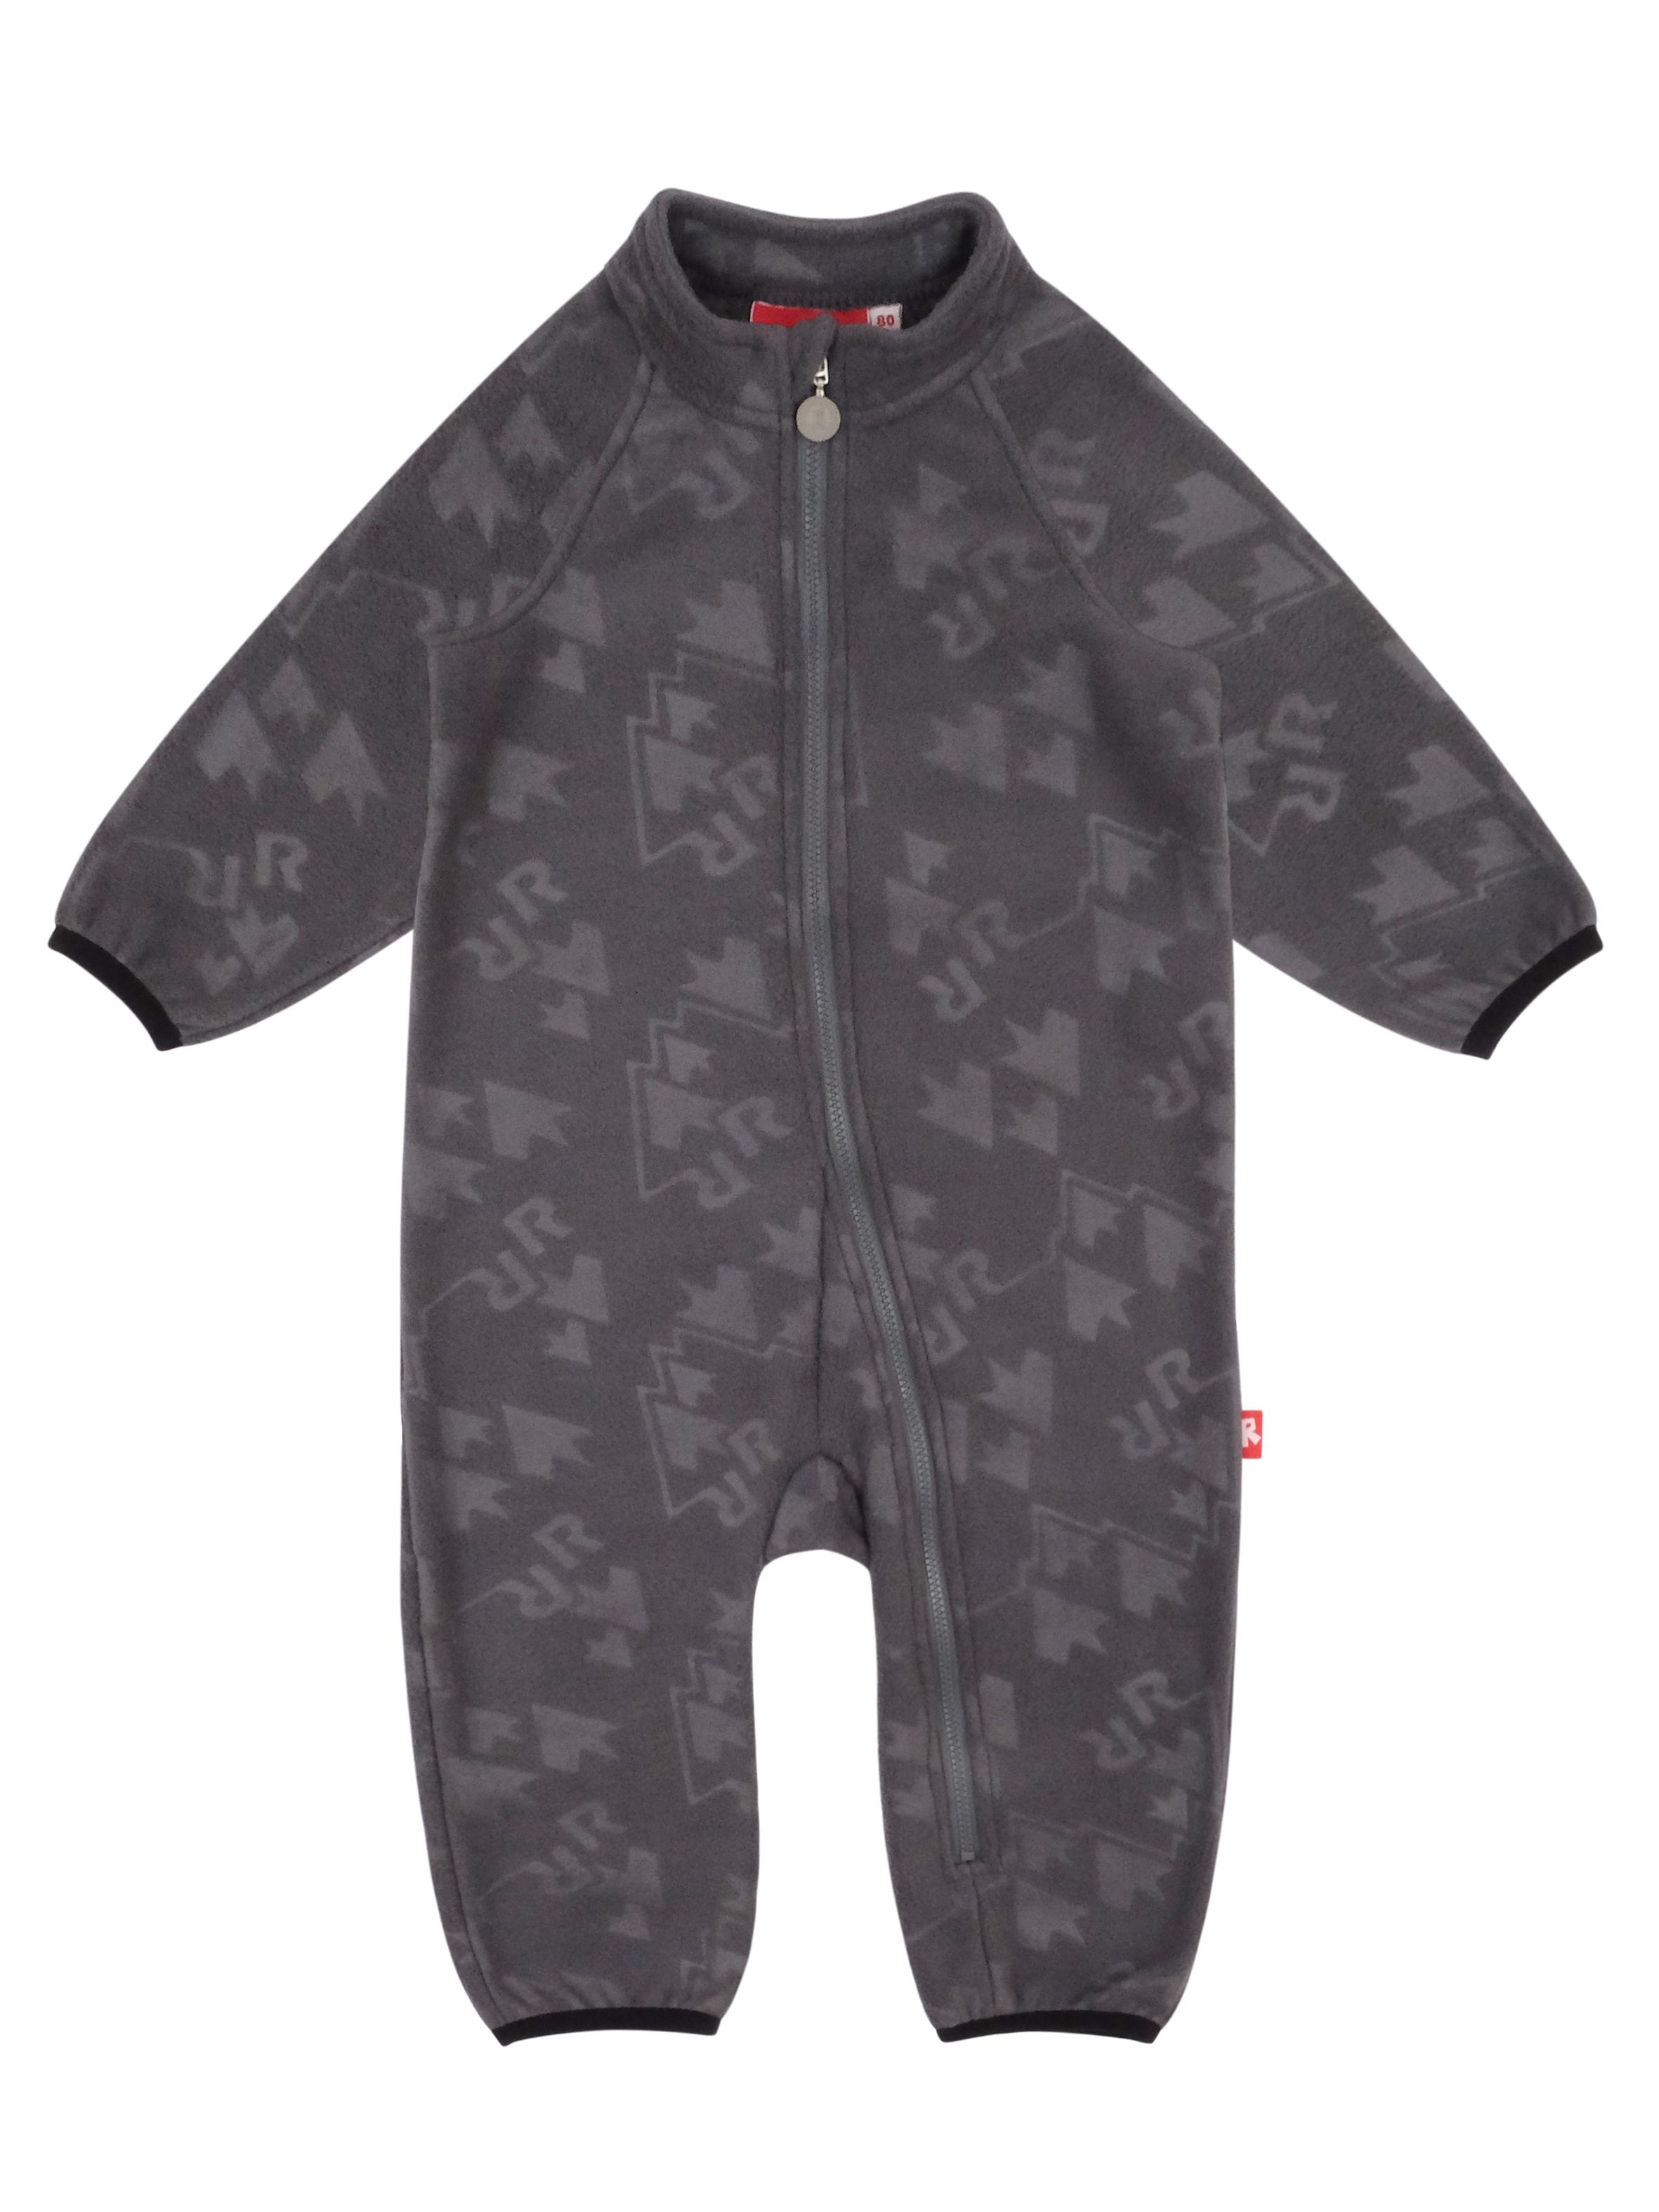 Комбинезон детский повседневный Reike WL 77 grey